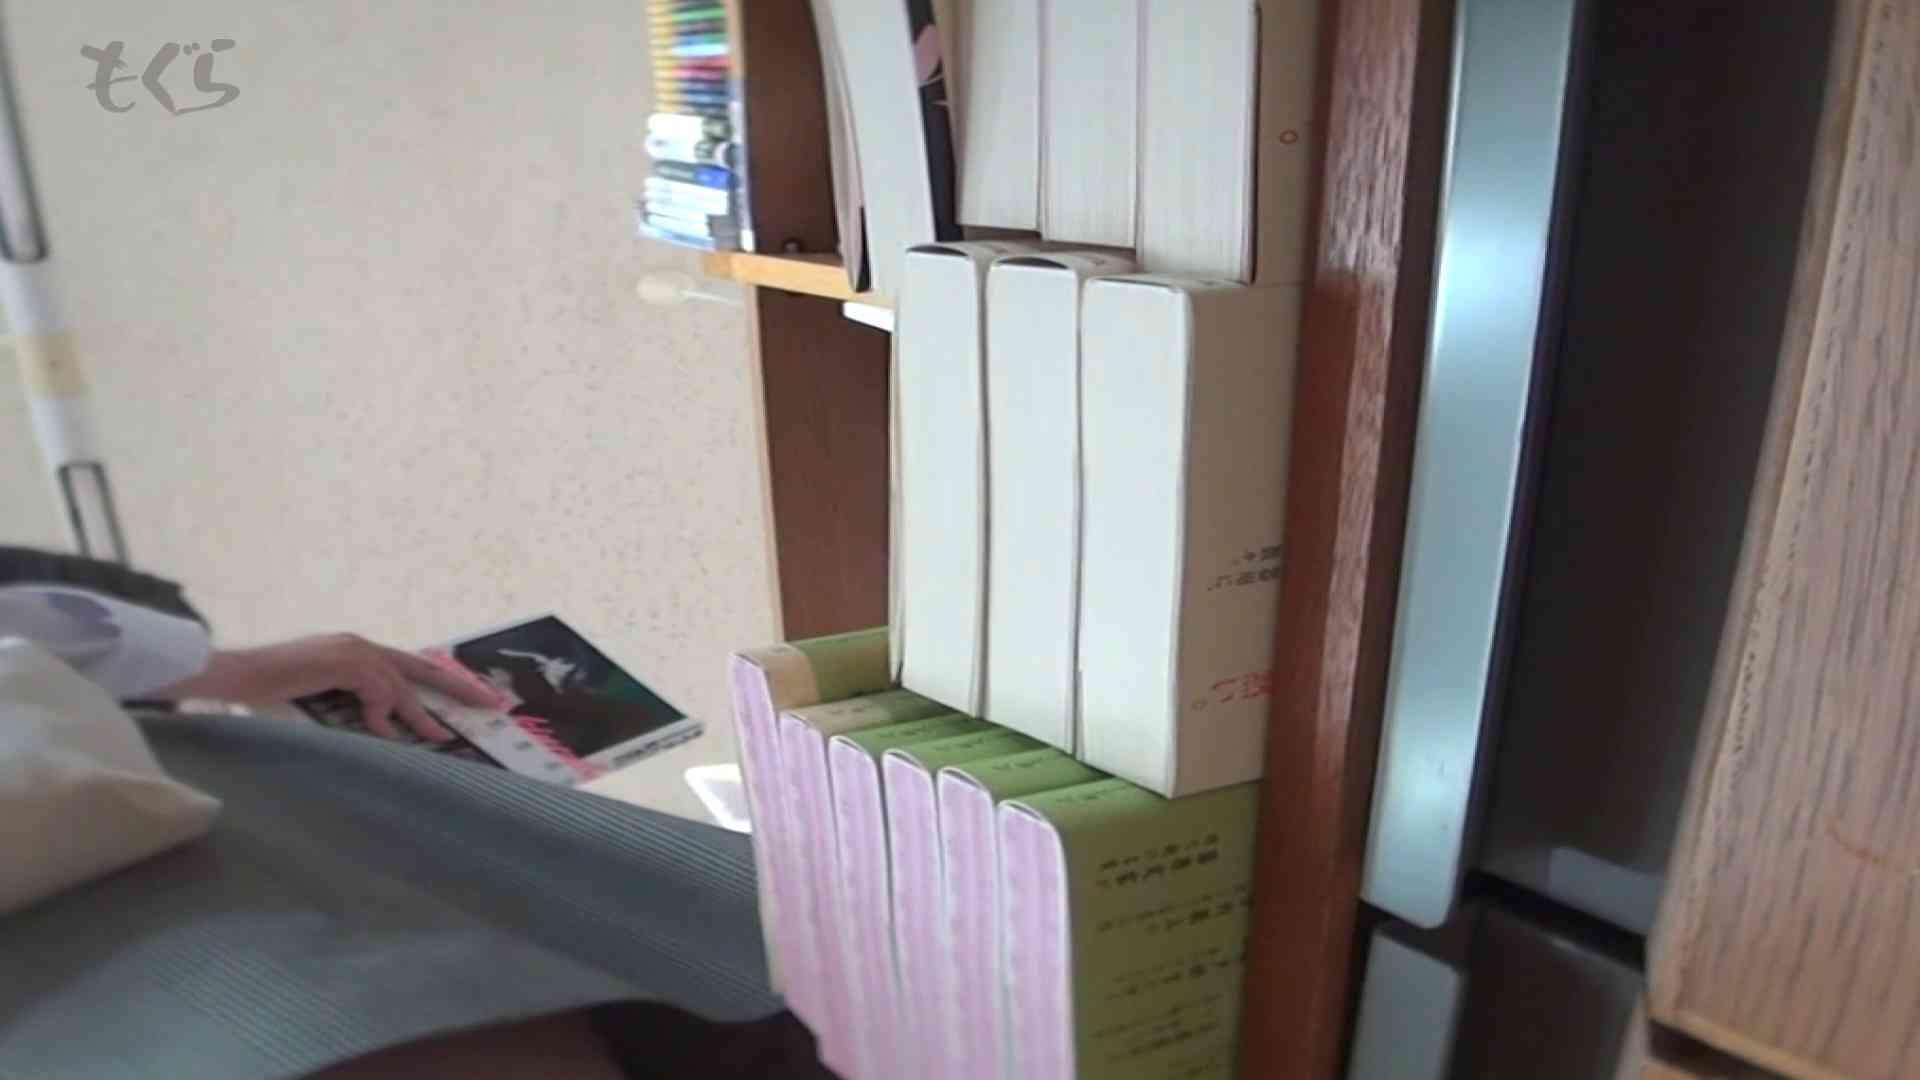 隣から【期間限定品】No.02 文庫女子はやはり白パン!! 期間限定  68連発 56